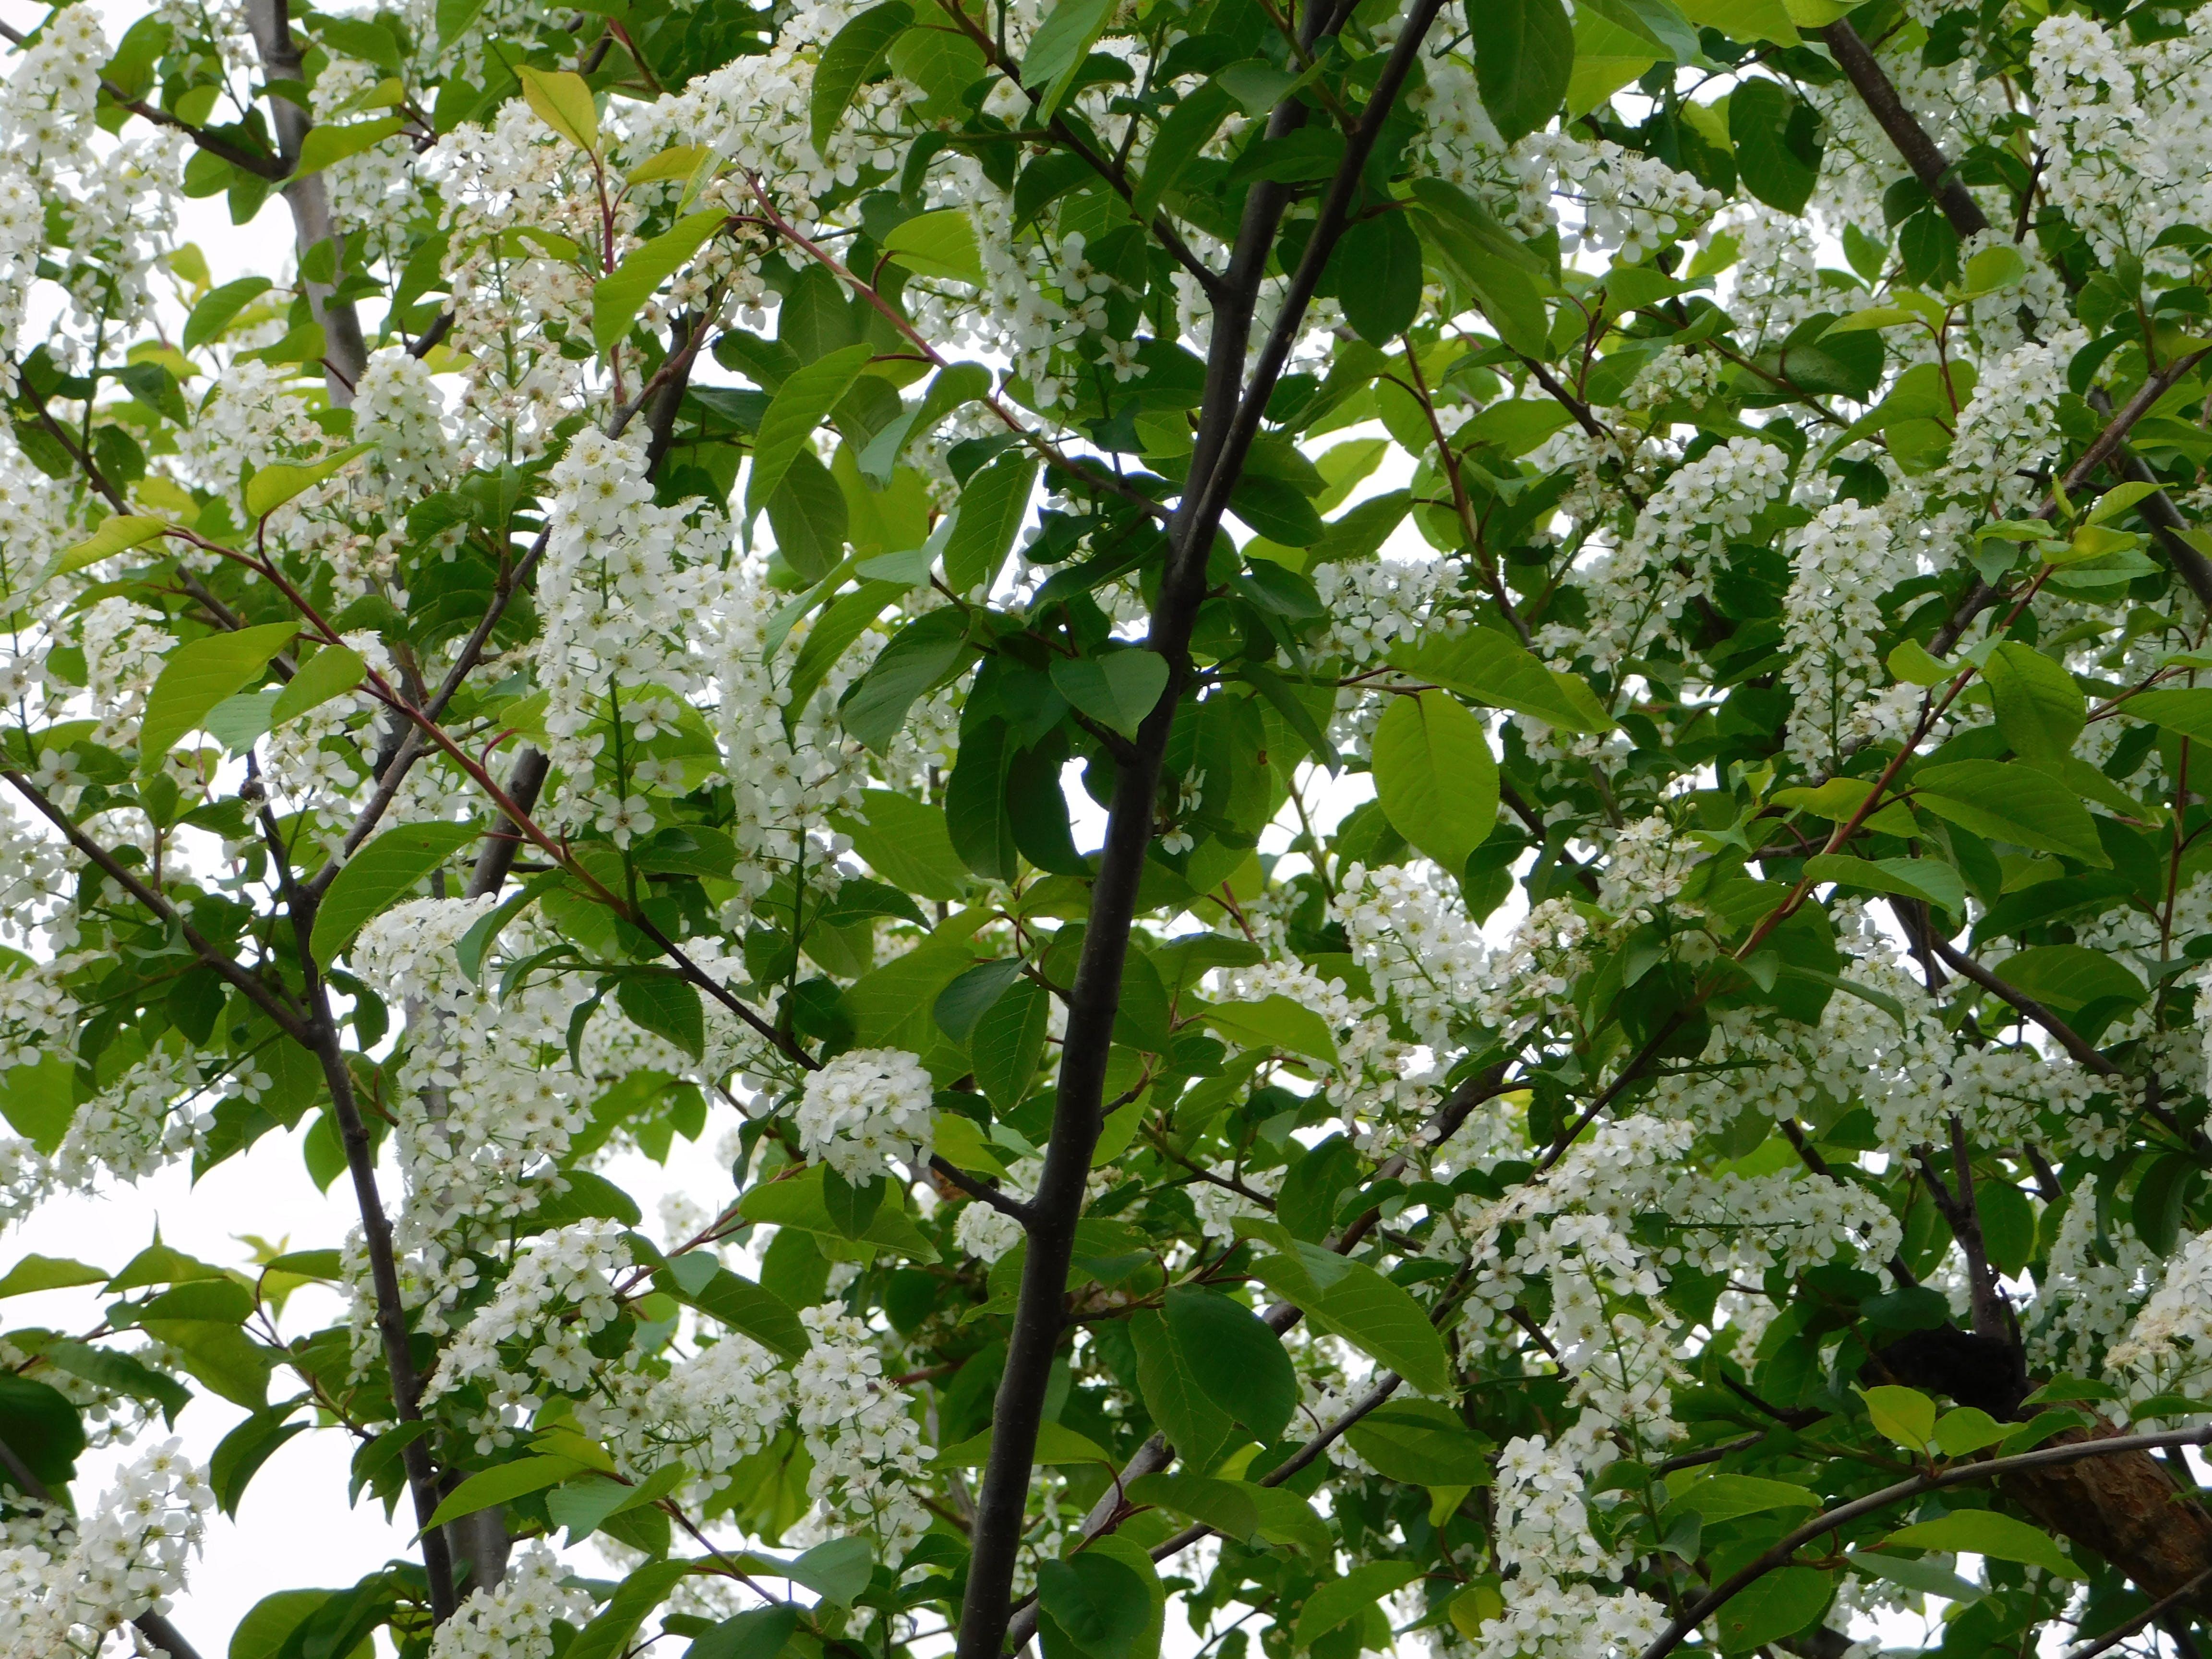 Fotos de stock gratuitas de árbol ornamental